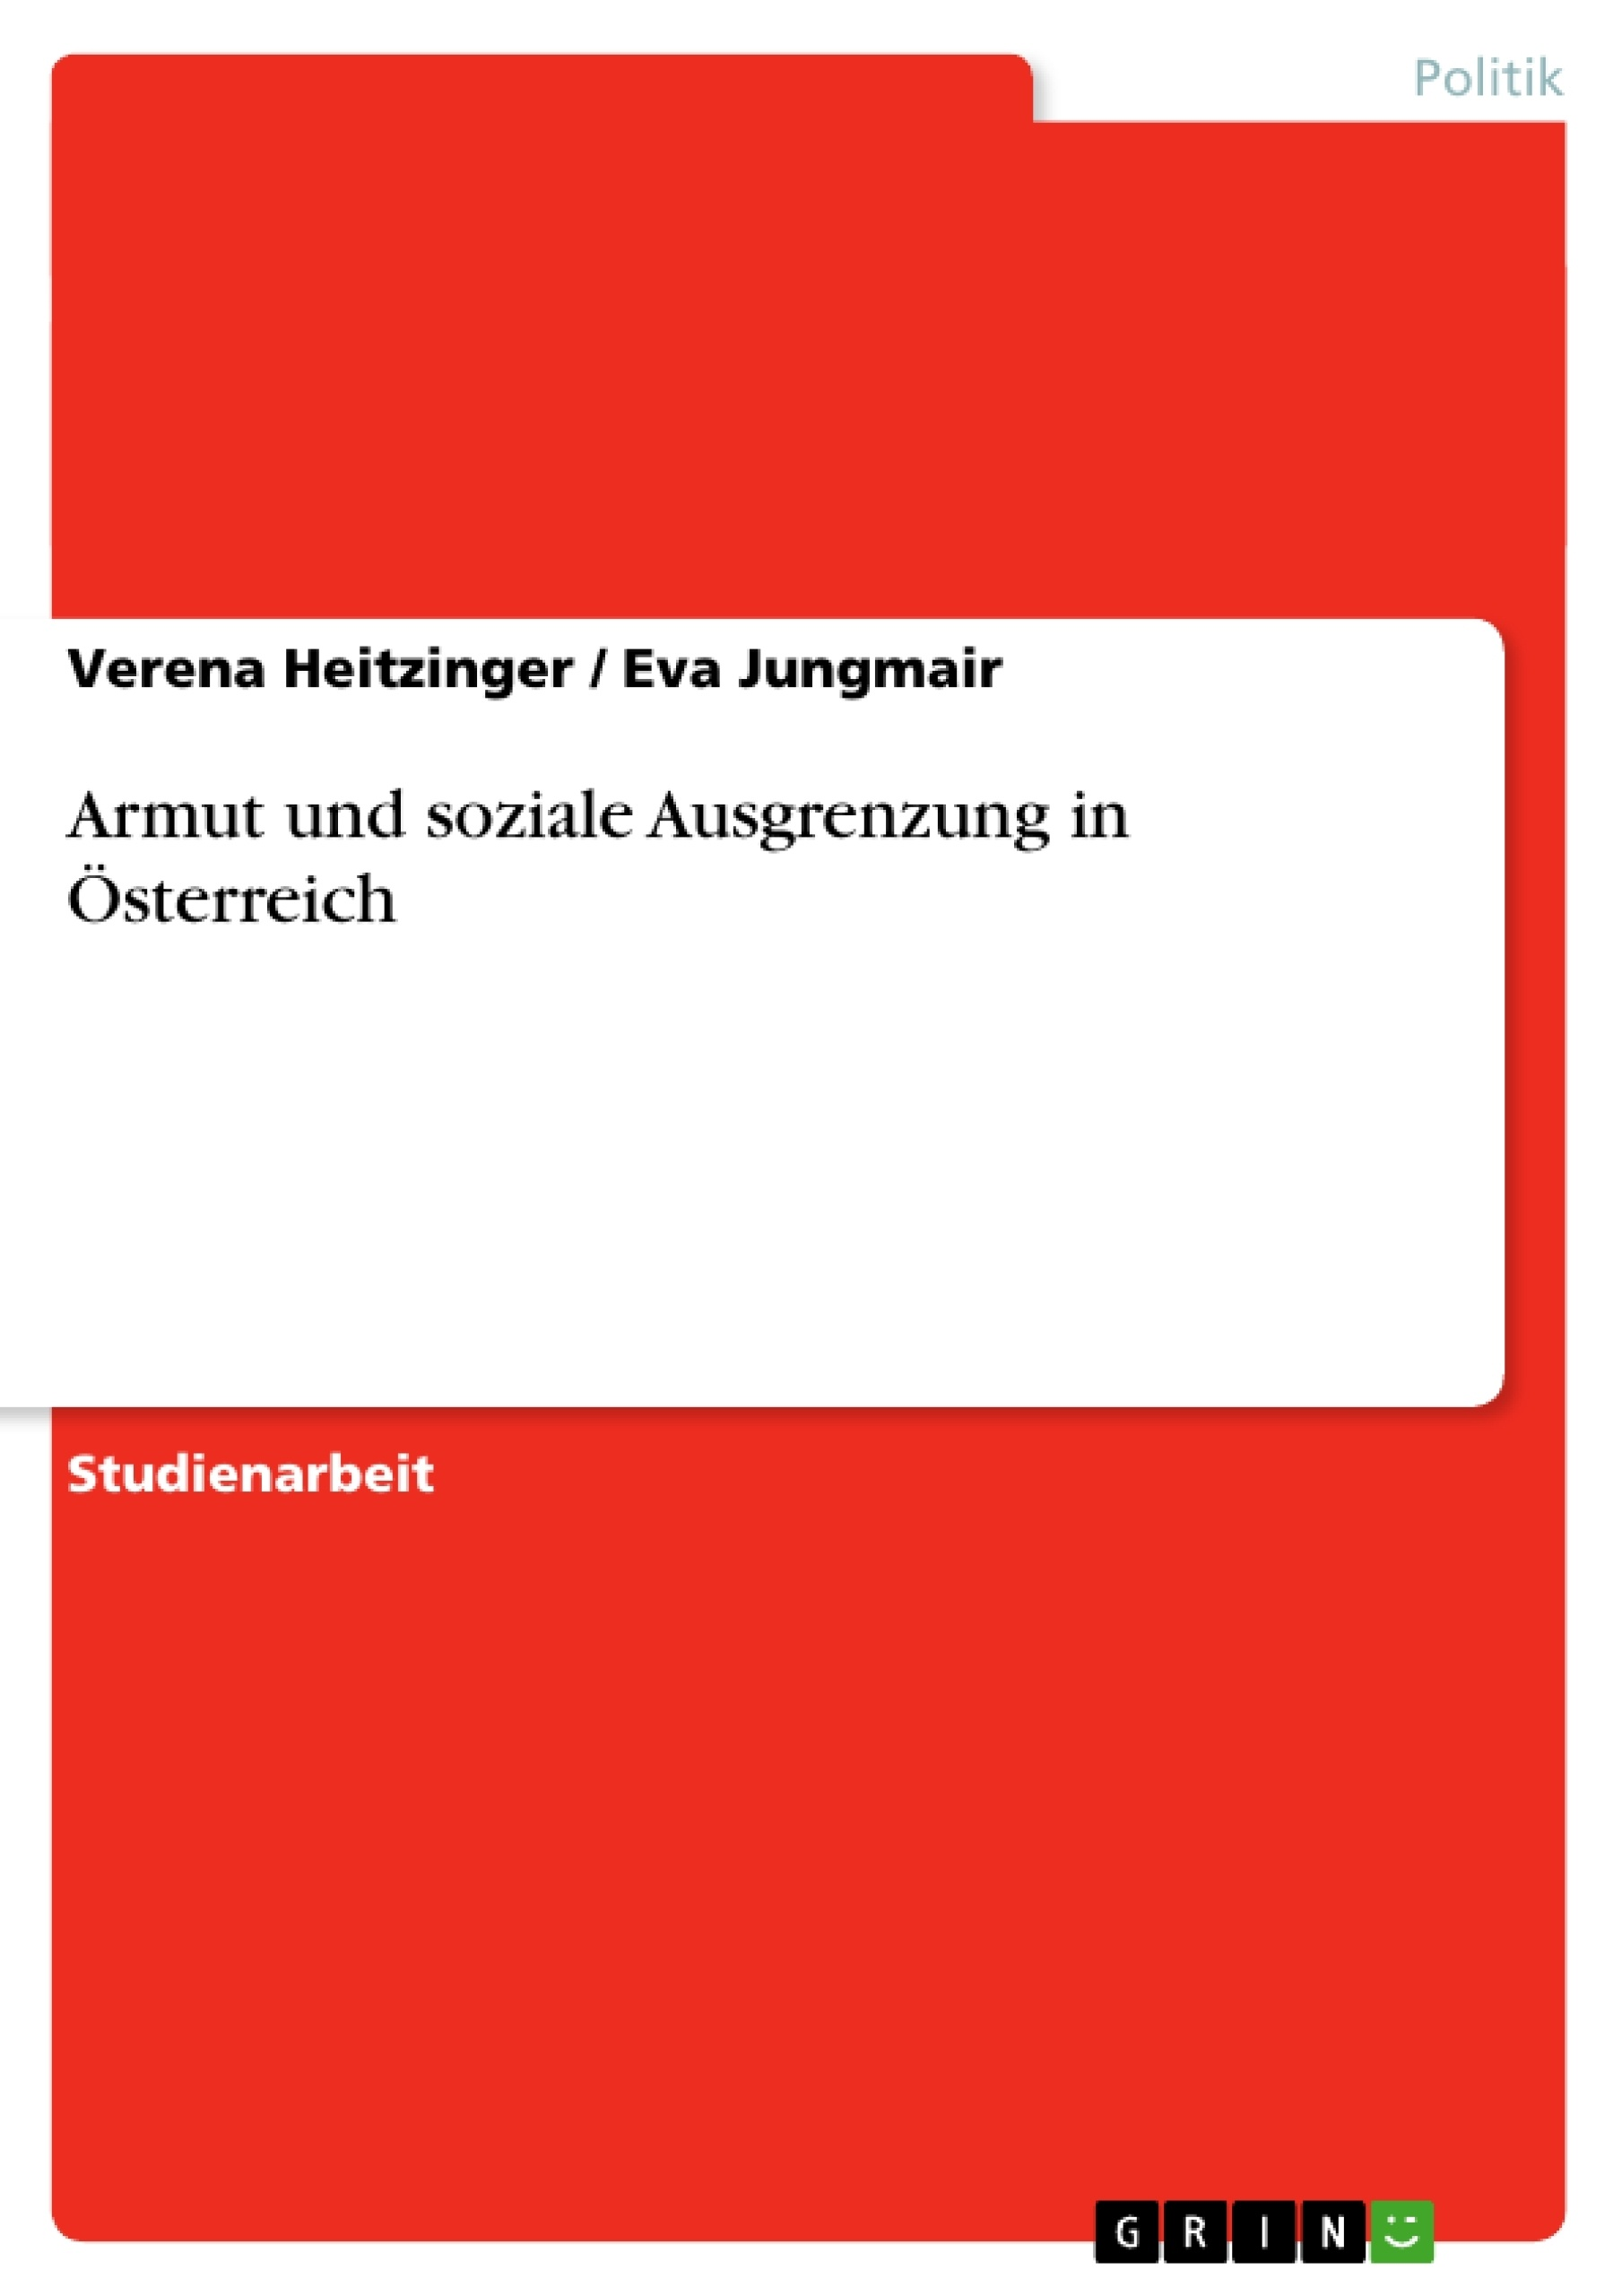 Titel: Armut und soziale Ausgrenzung in Österreich